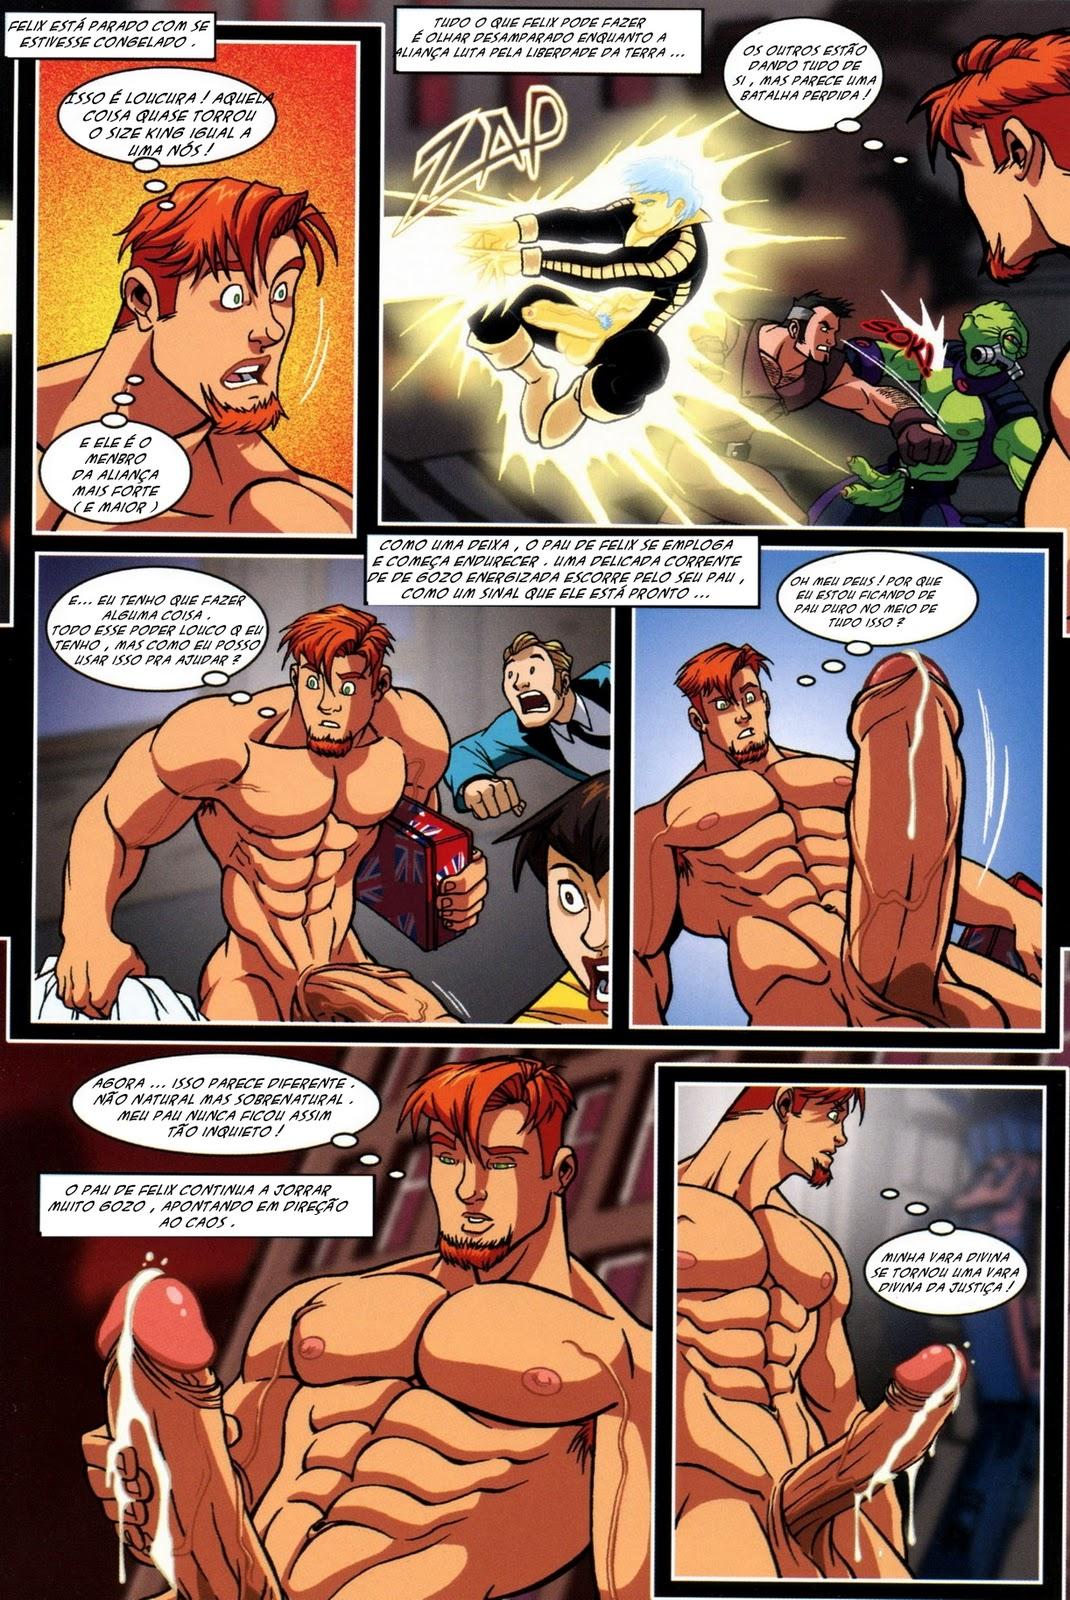 Gratuit gay sex Comics